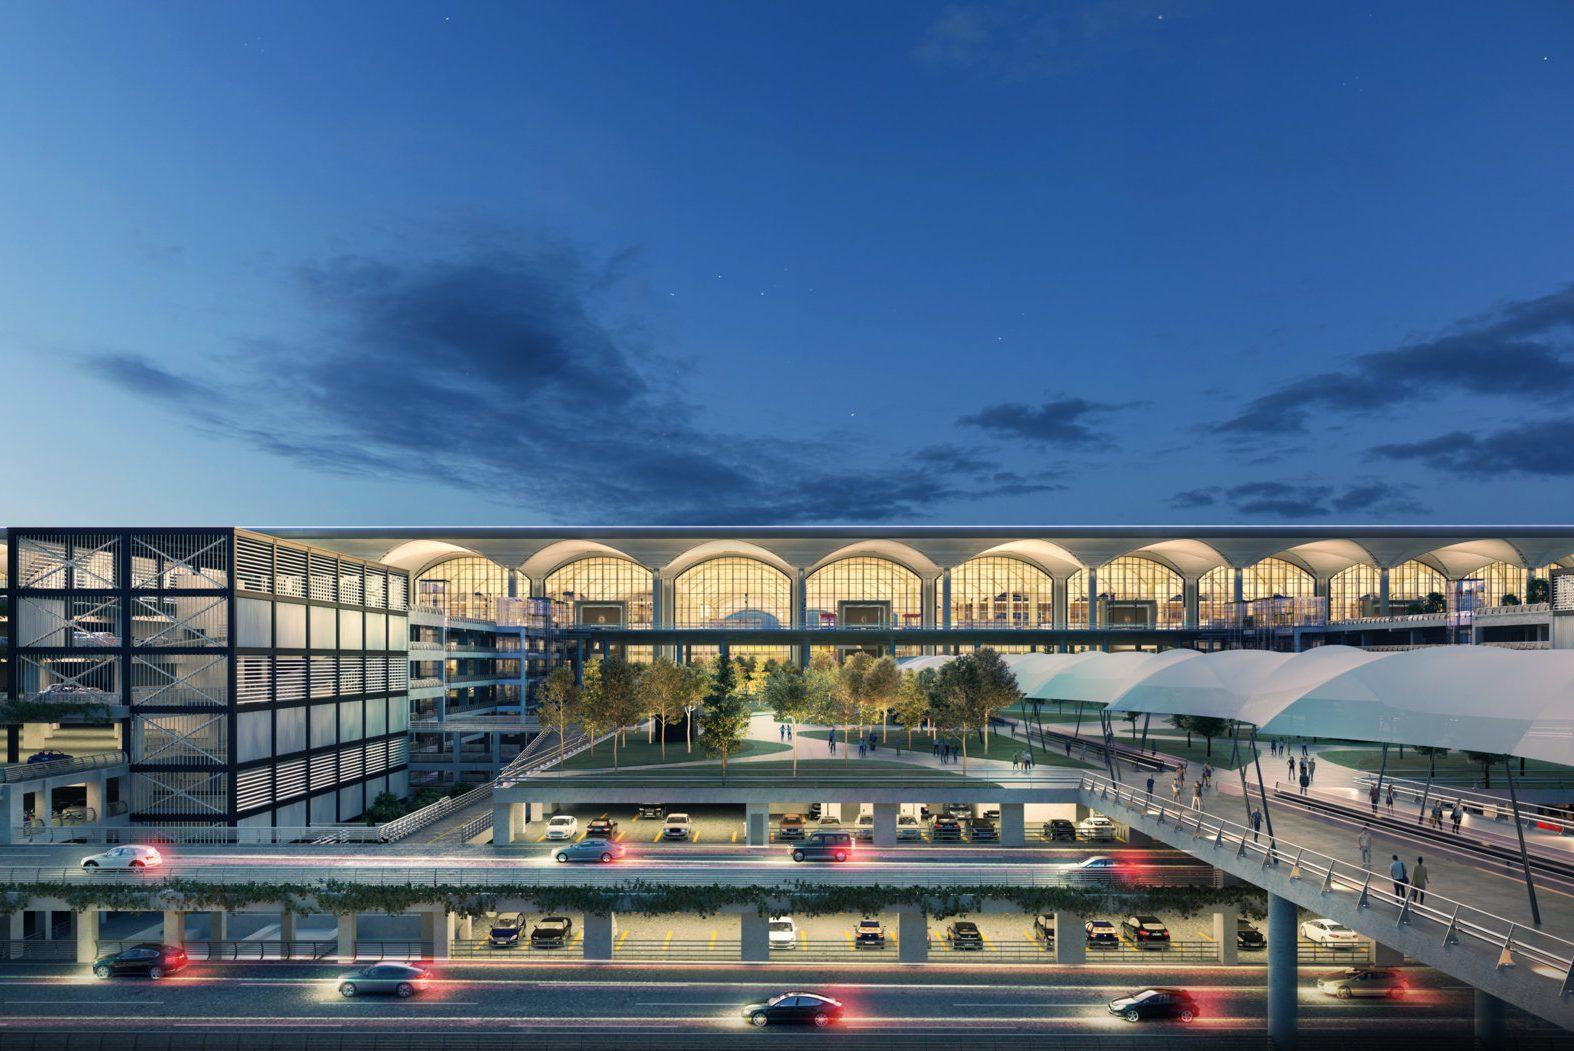 مگا فرودگاه استانبول ترکیه